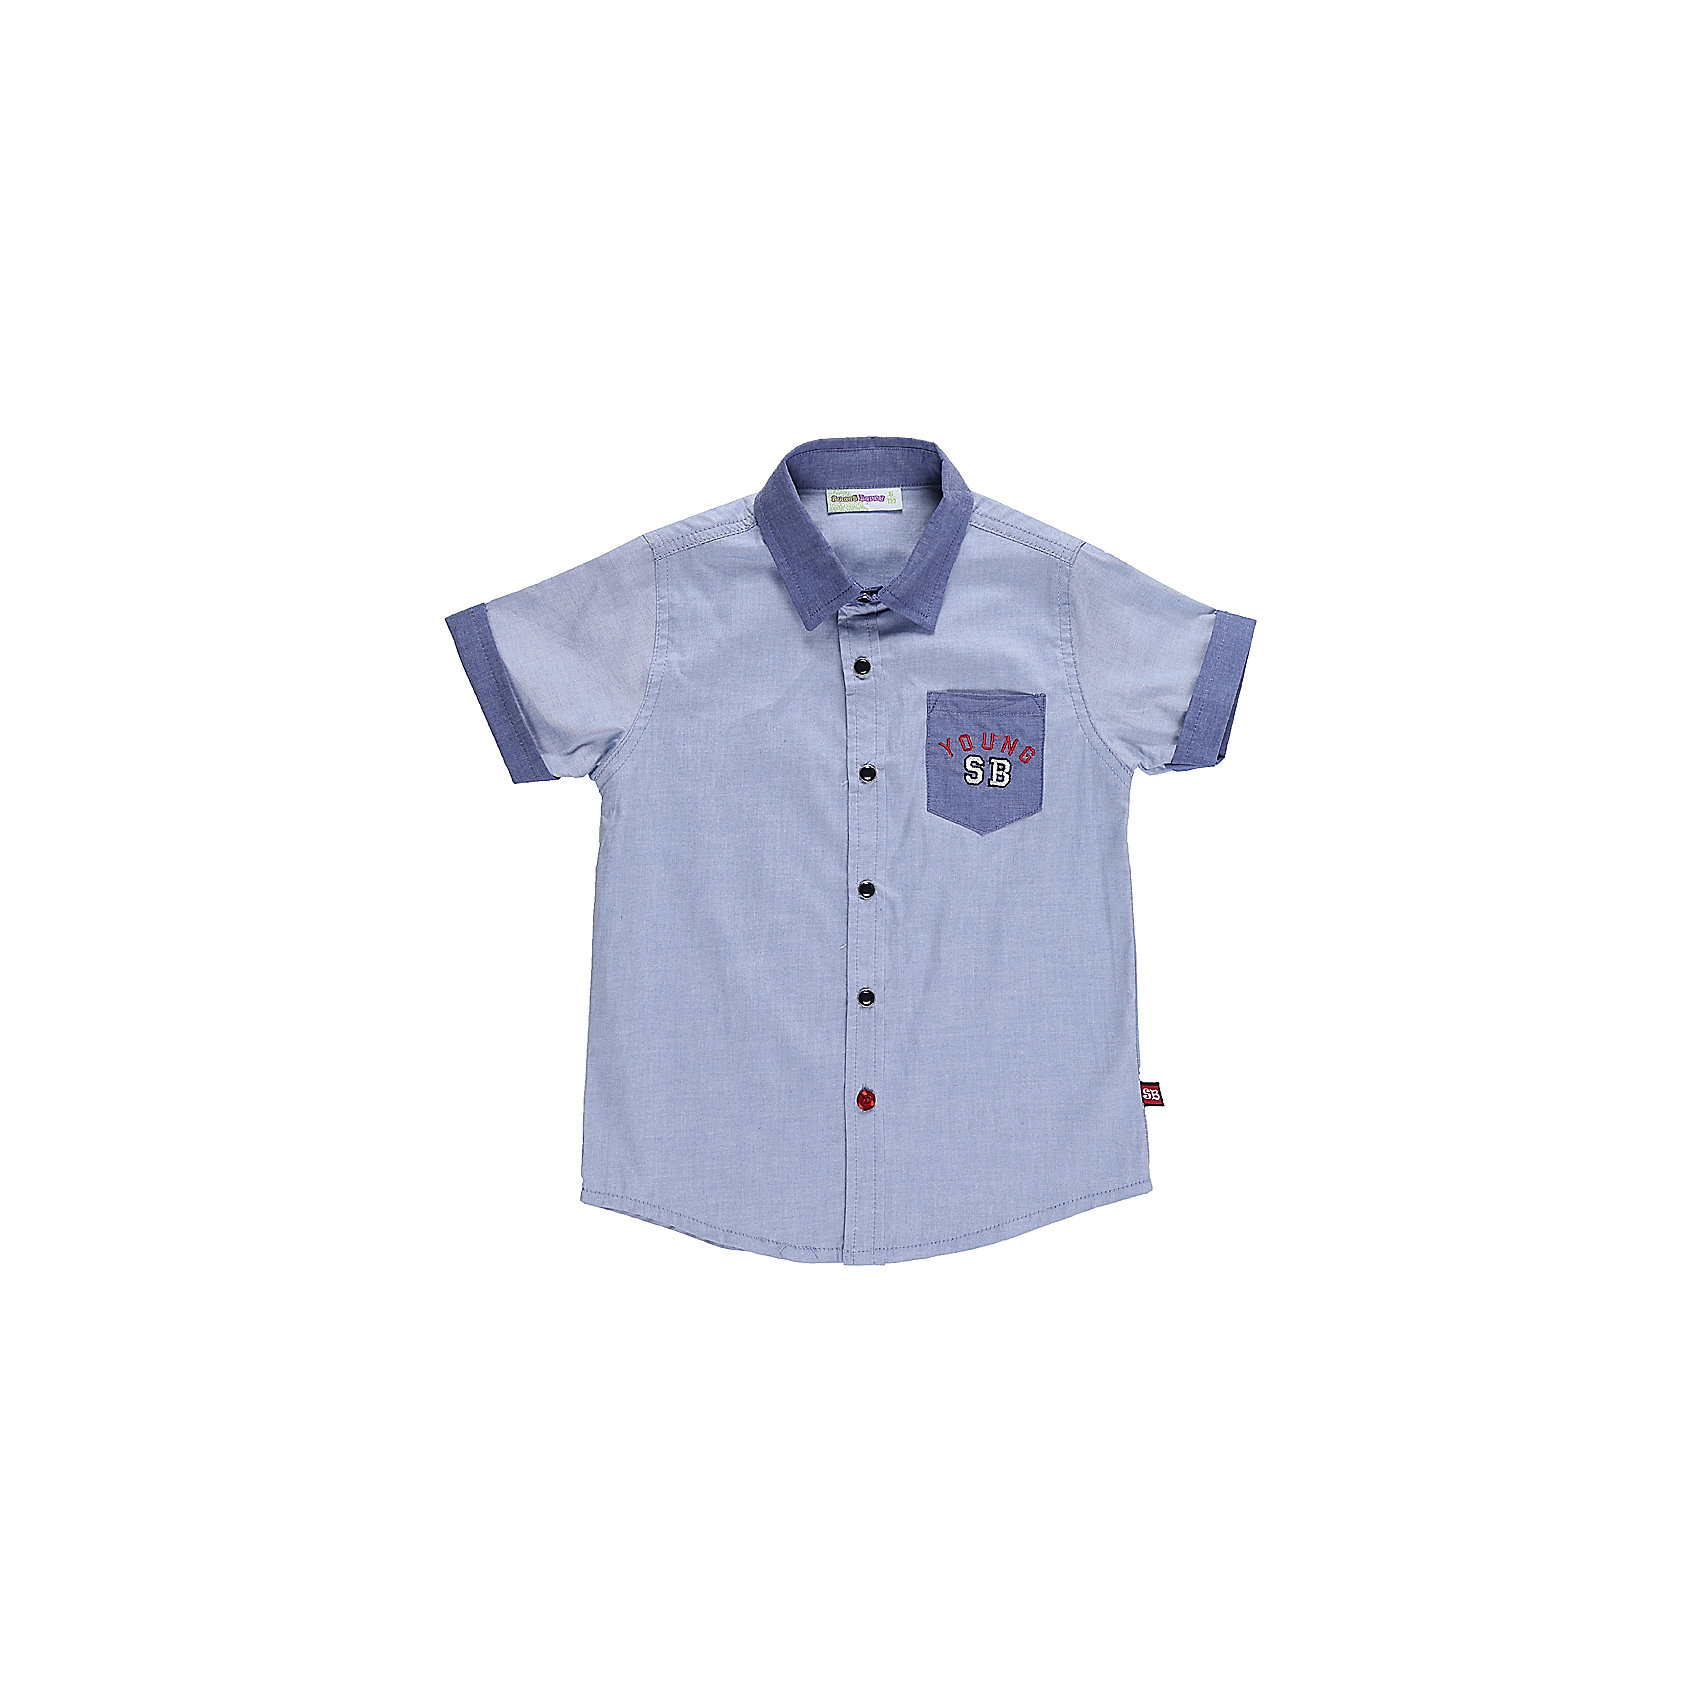 Рубашка для мальчика Sweet BerryБлузки и рубашки<br>Текстильная рубашка из хлопка для мальчика. Короткий рукав, накладной карман на левой полочке. Застегивается на кнопки. Отложной воротничок.<br>Состав:<br>100%хлопок<br><br>Ширина мм: 174<br>Глубина мм: 10<br>Высота мм: 169<br>Вес г: 157<br>Цвет: голубой<br>Возраст от месяцев: 24<br>Возраст до месяцев: 36<br>Пол: Мужской<br>Возраст: Детский<br>Размер: 128,104,98,110,116,122<br>SKU: 5410623